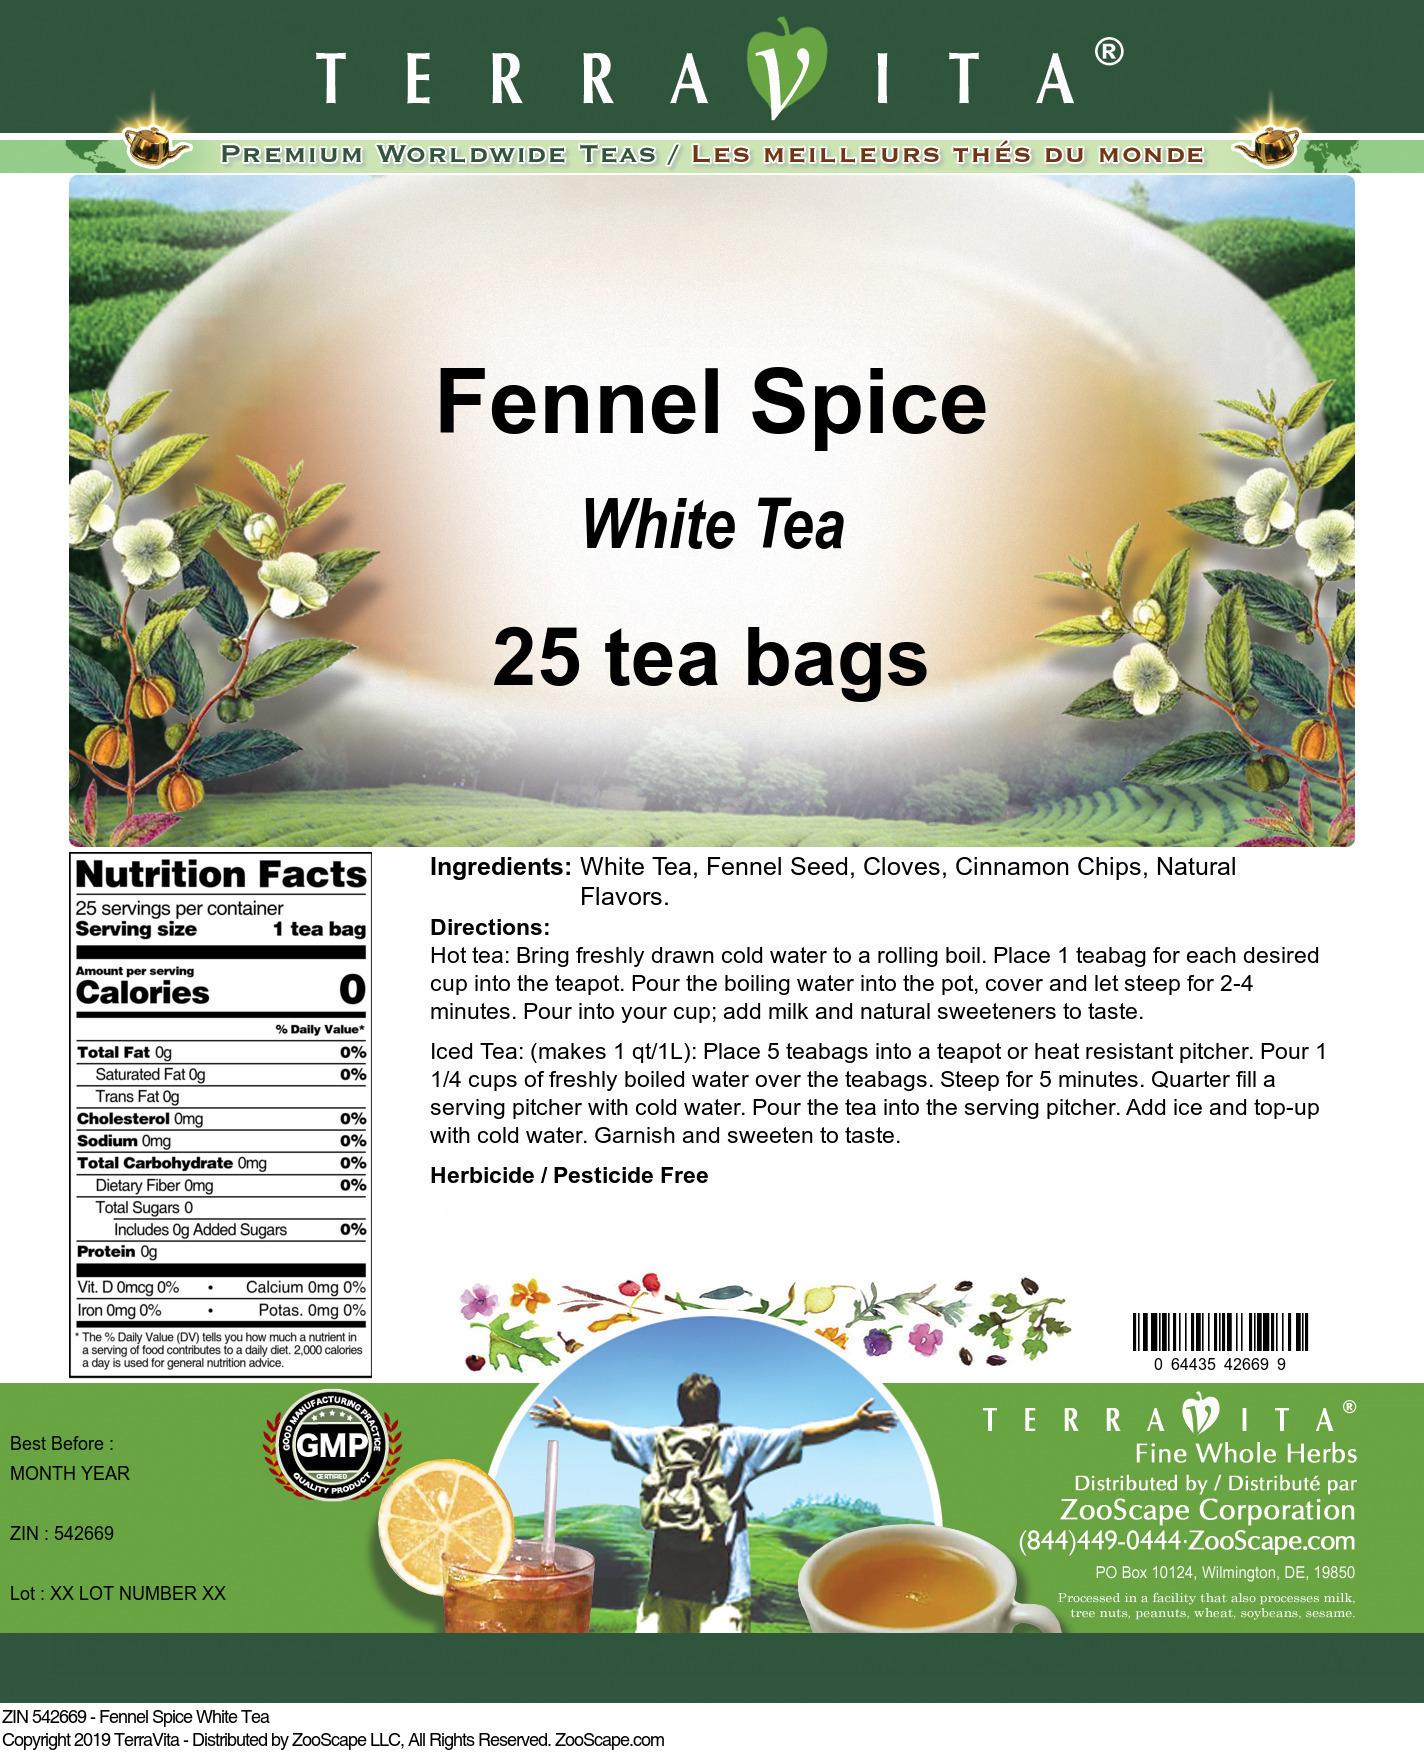 Fennel Spice White Tea